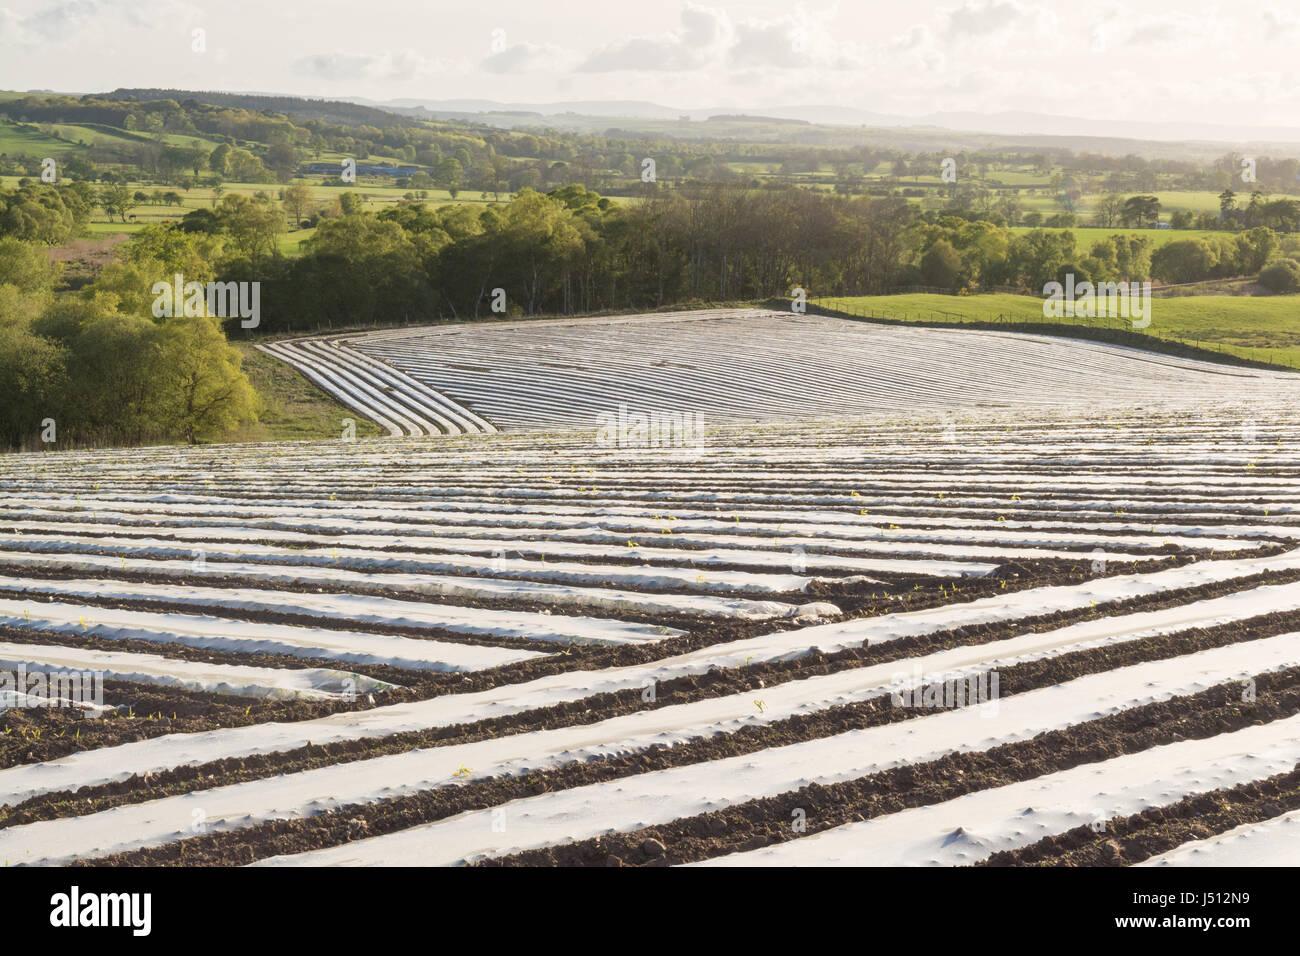 Le paillis de plastique en feuilles rangées sur les champs en protégeant les cultures - UK Photo Stock